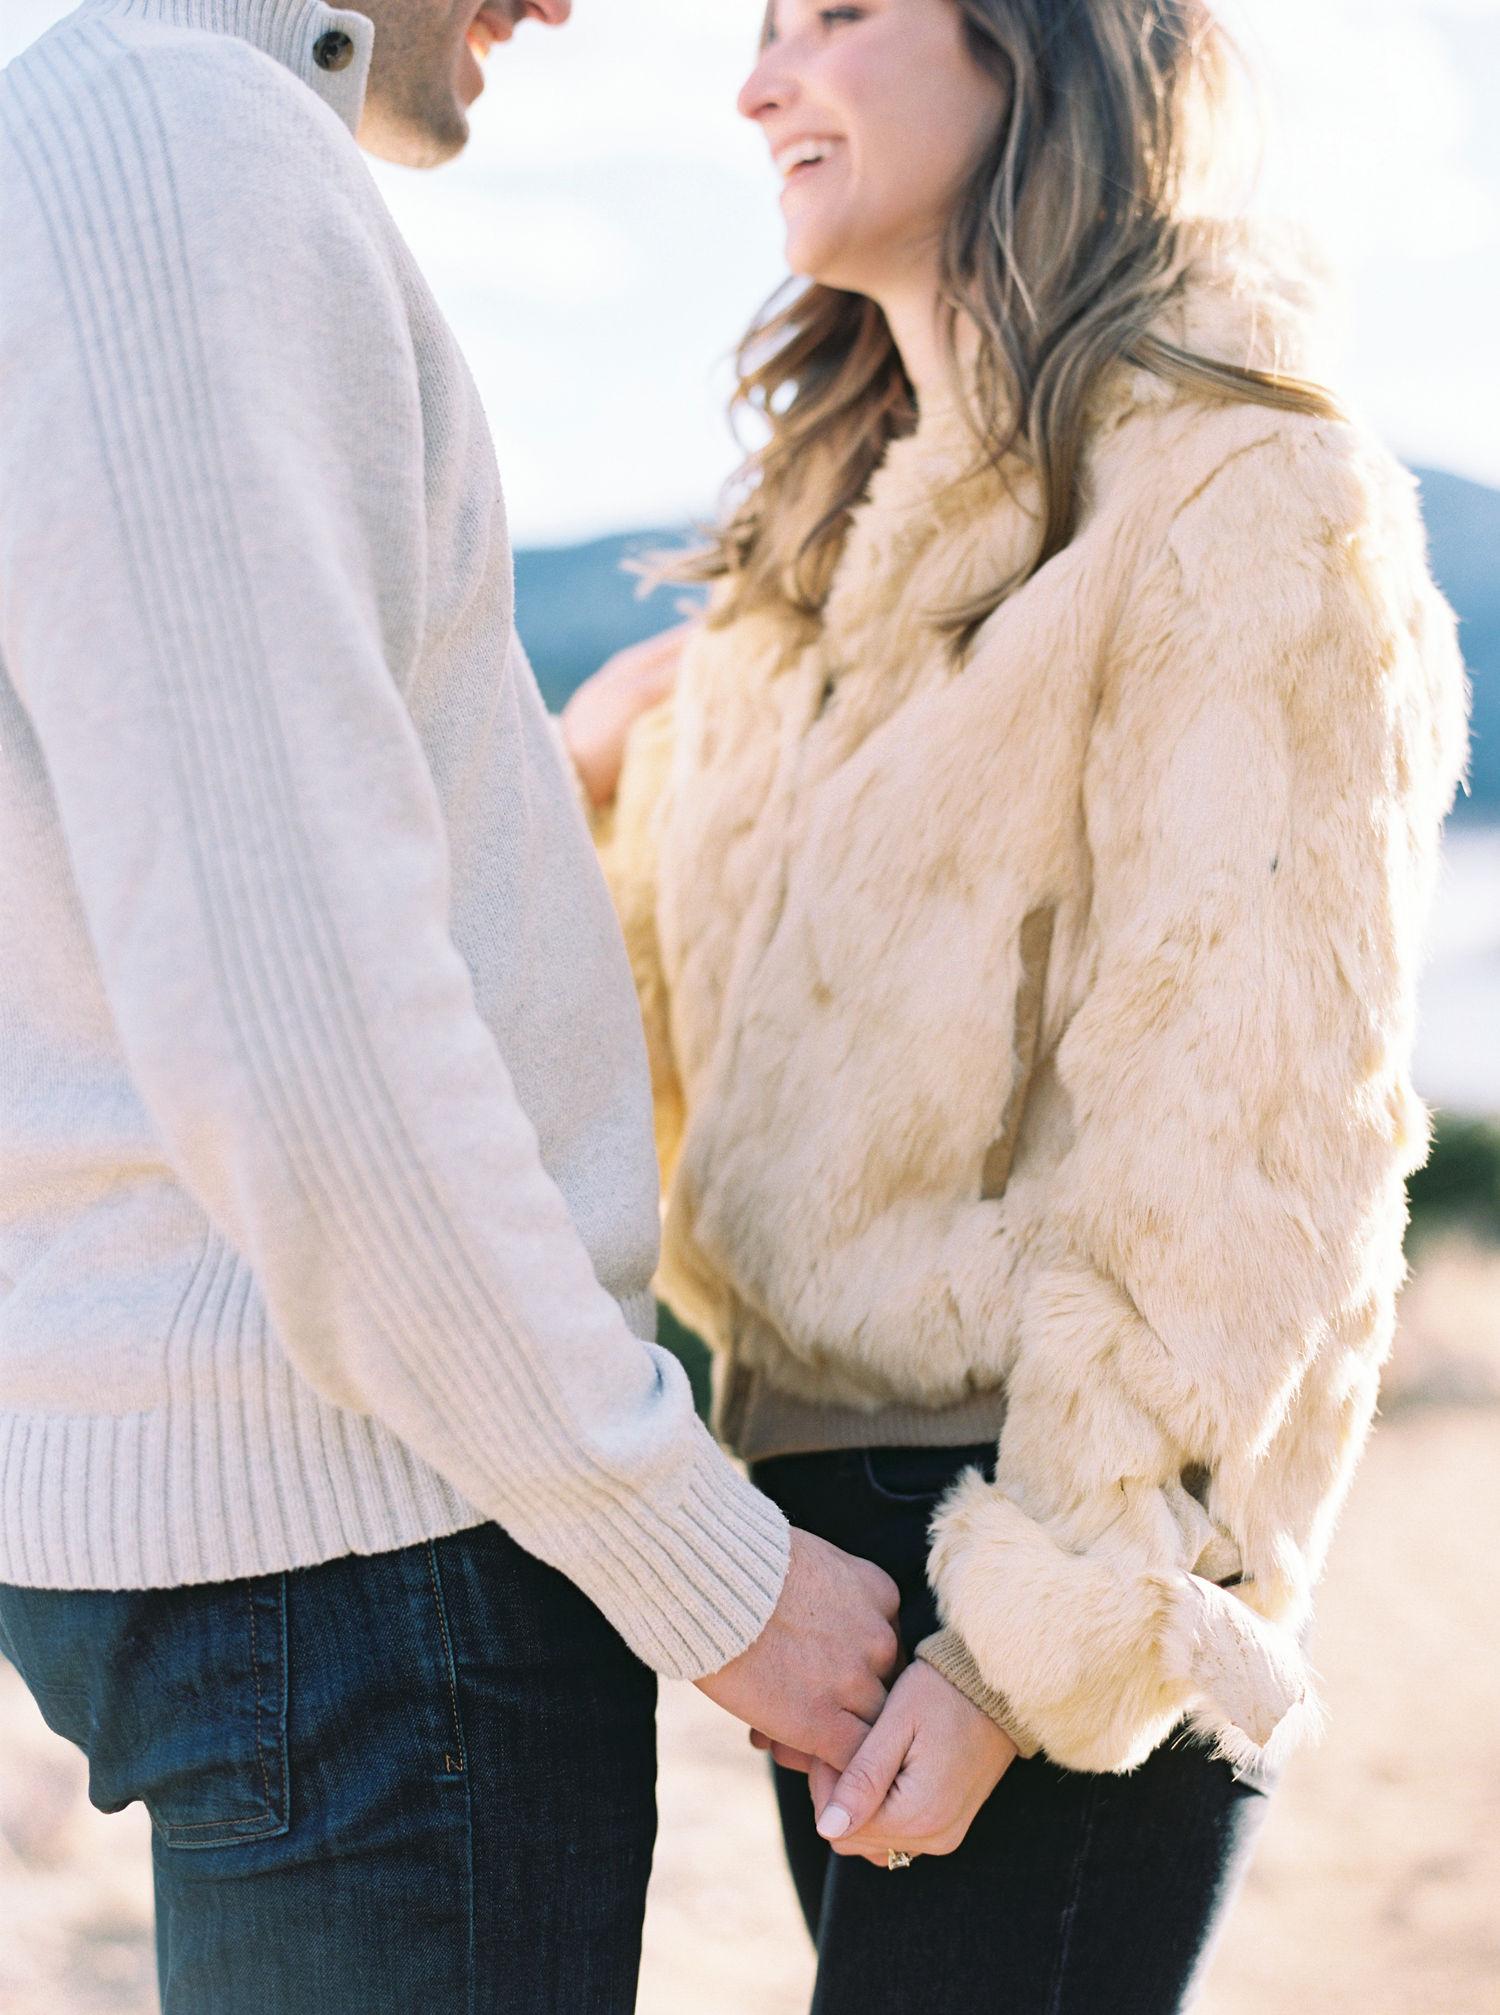 AshleySawtelle-boulder-engagement-28.jpg